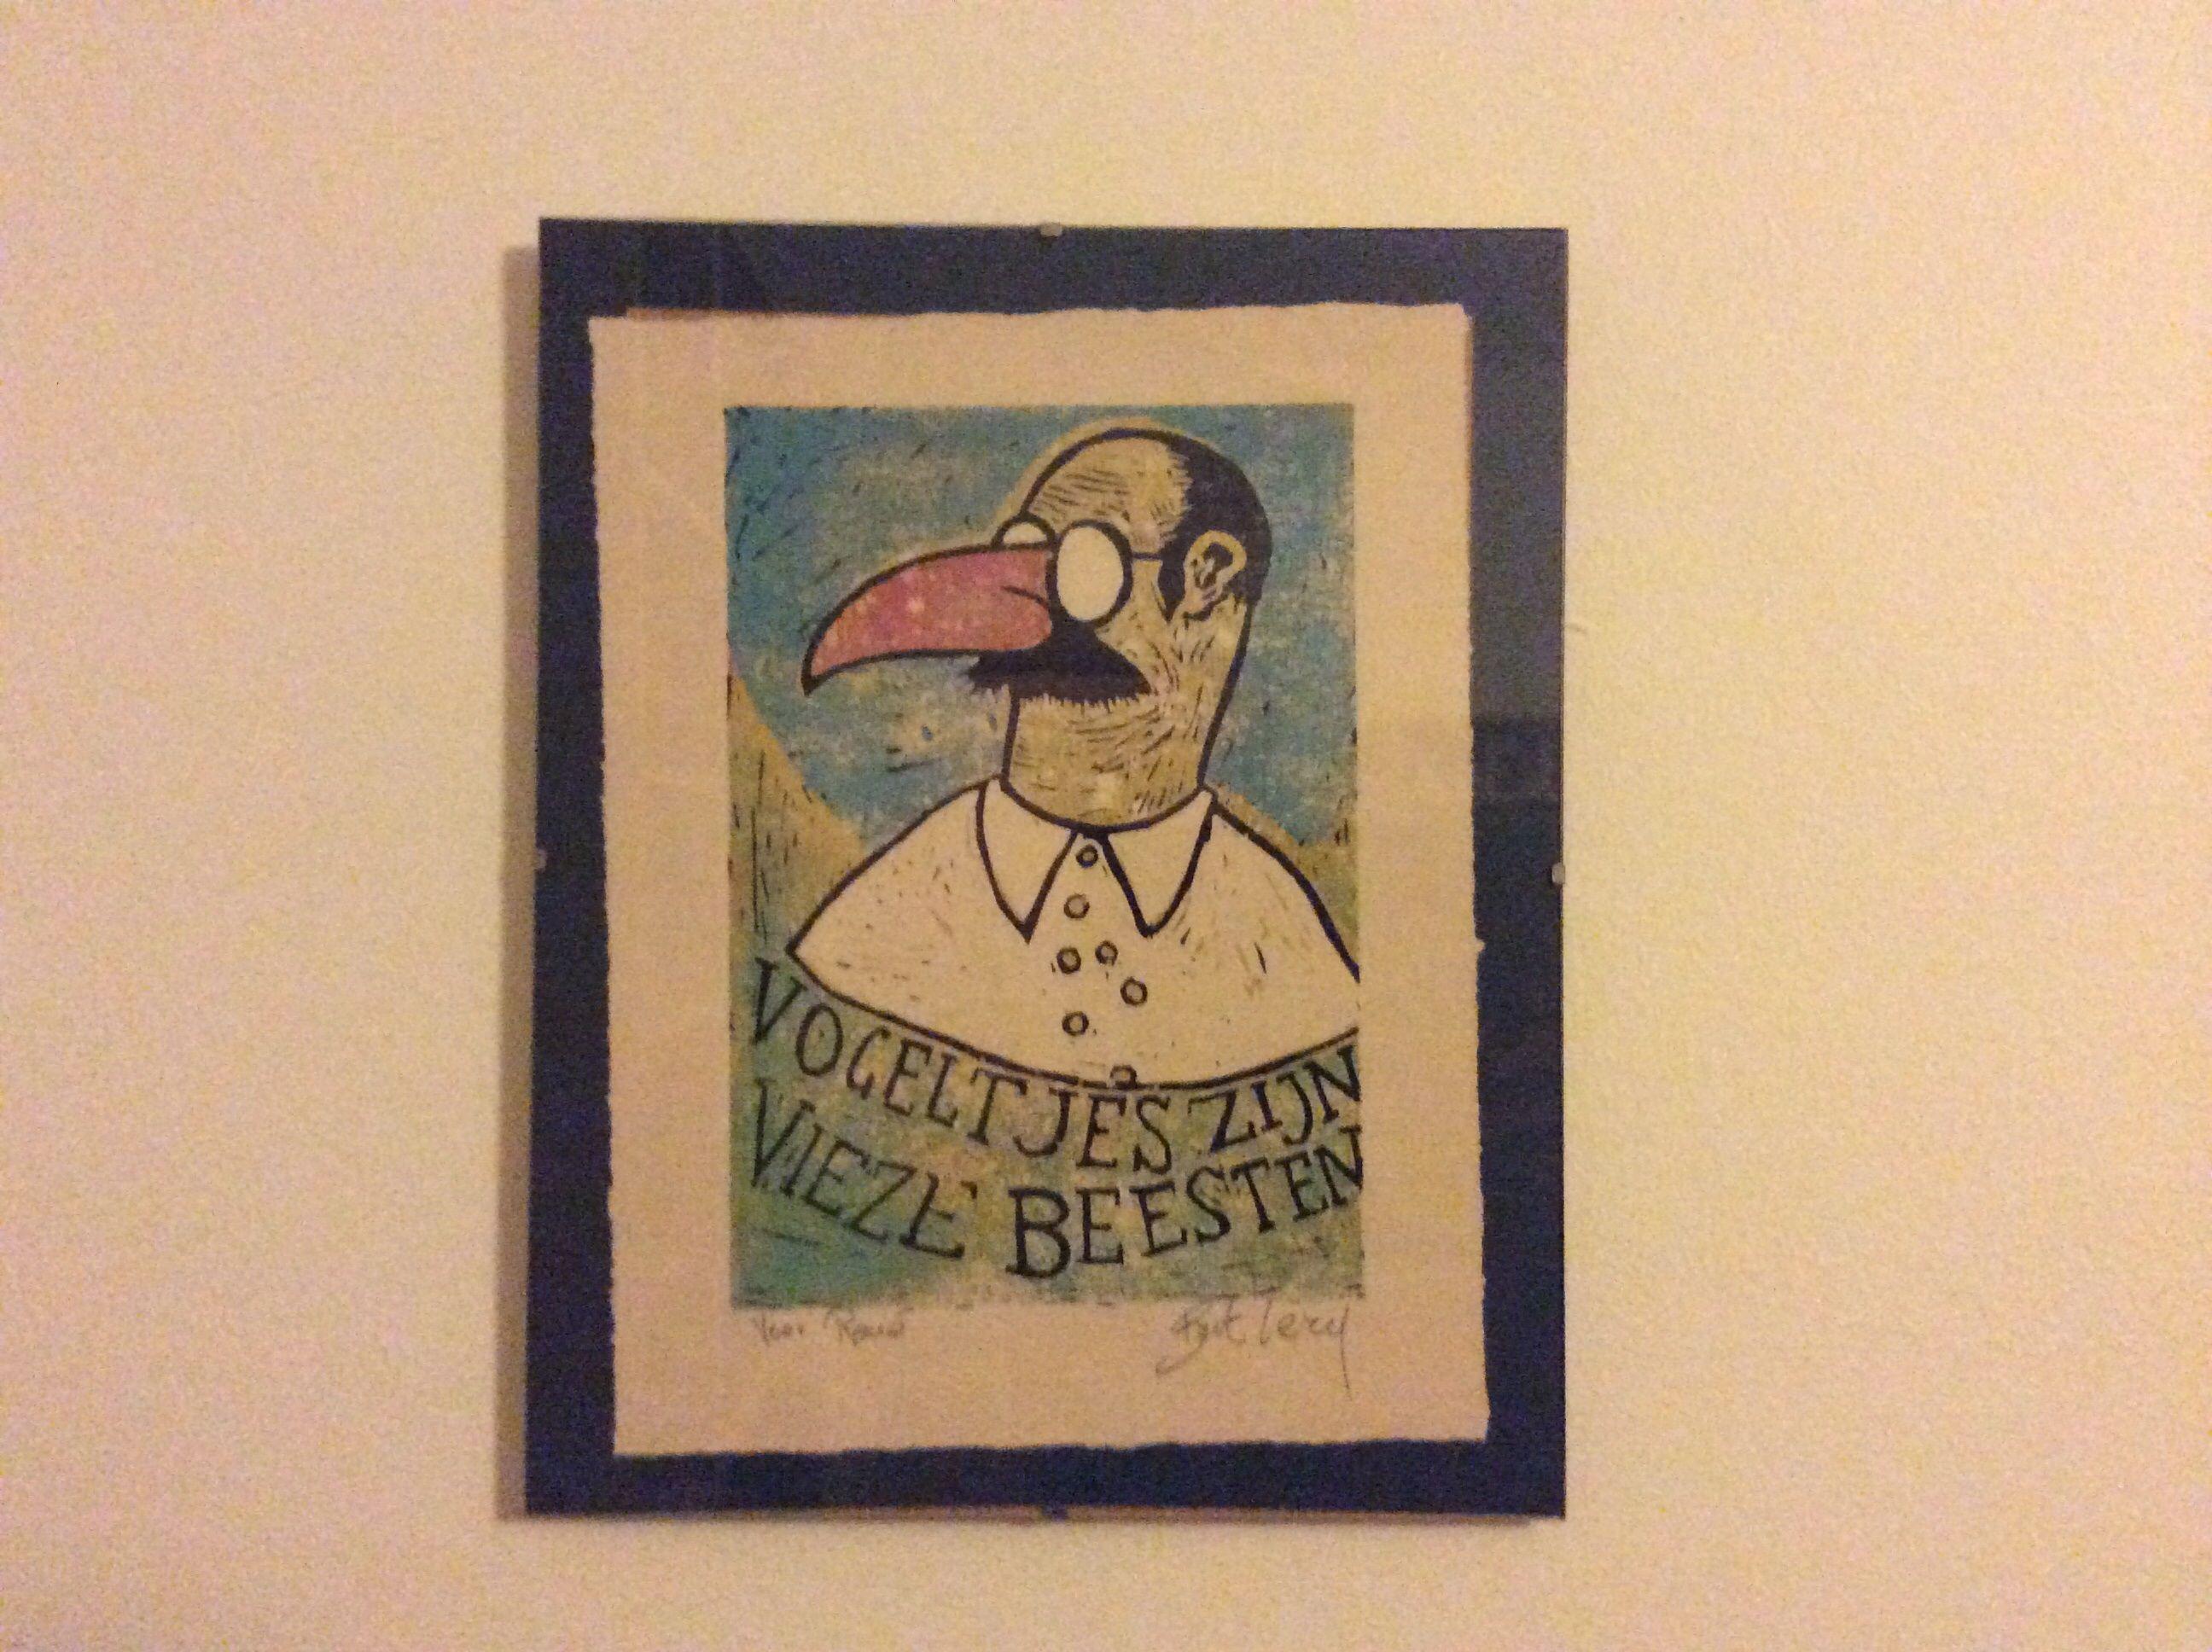 Te koop bij Bert Lezy!!!  Heeft een website ... www.bertlezy.be!!!